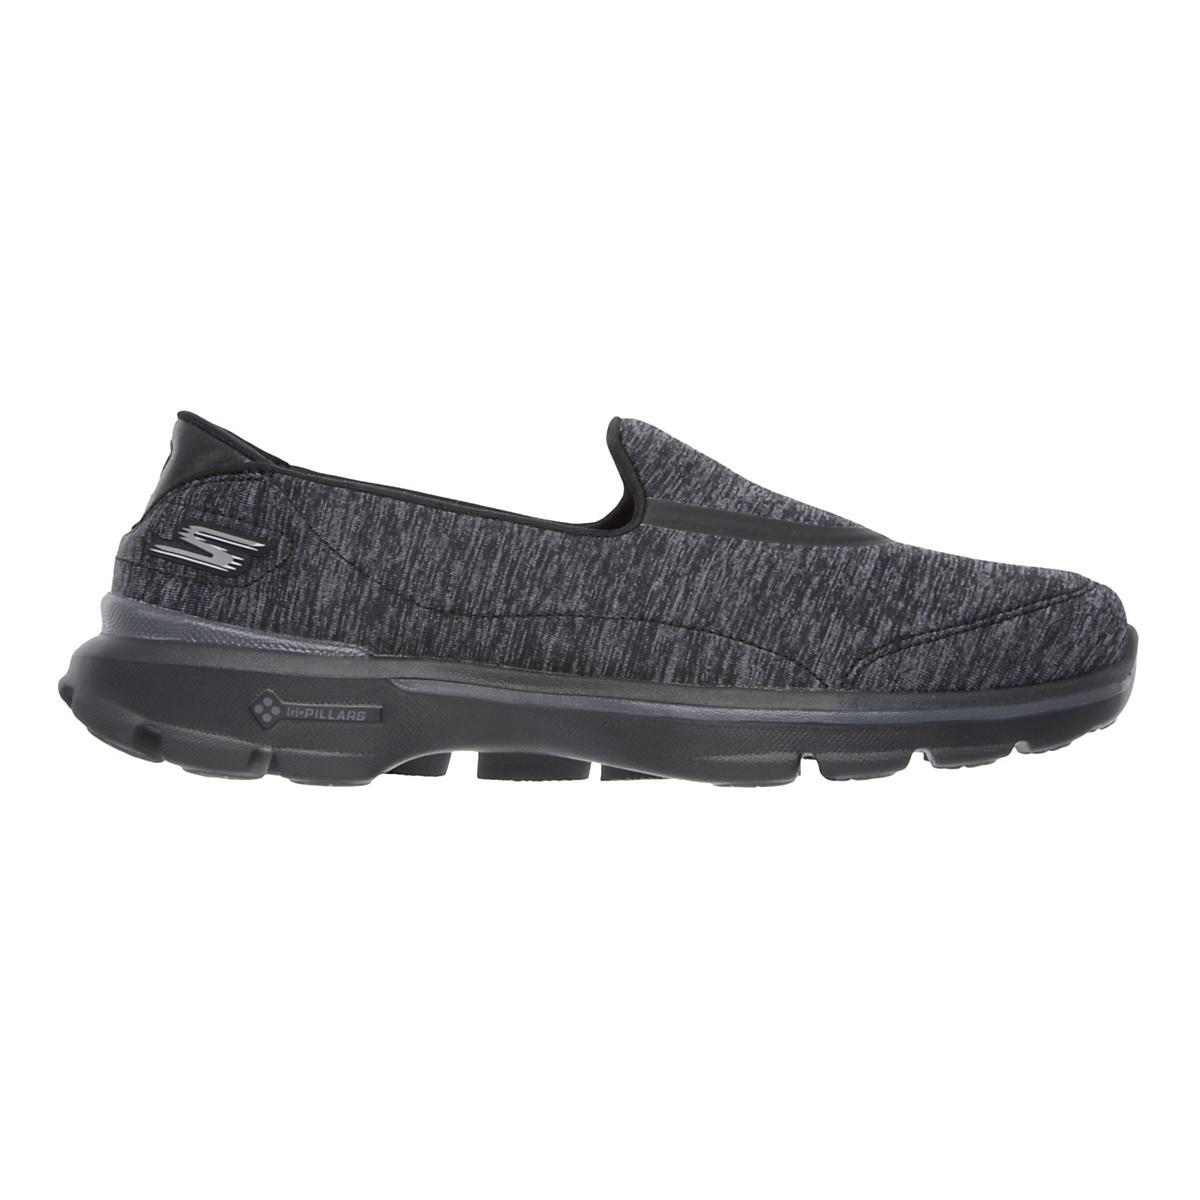 Skechers GOwalk 3 Force Blue Slip On Walking Sneaker Kuxfk